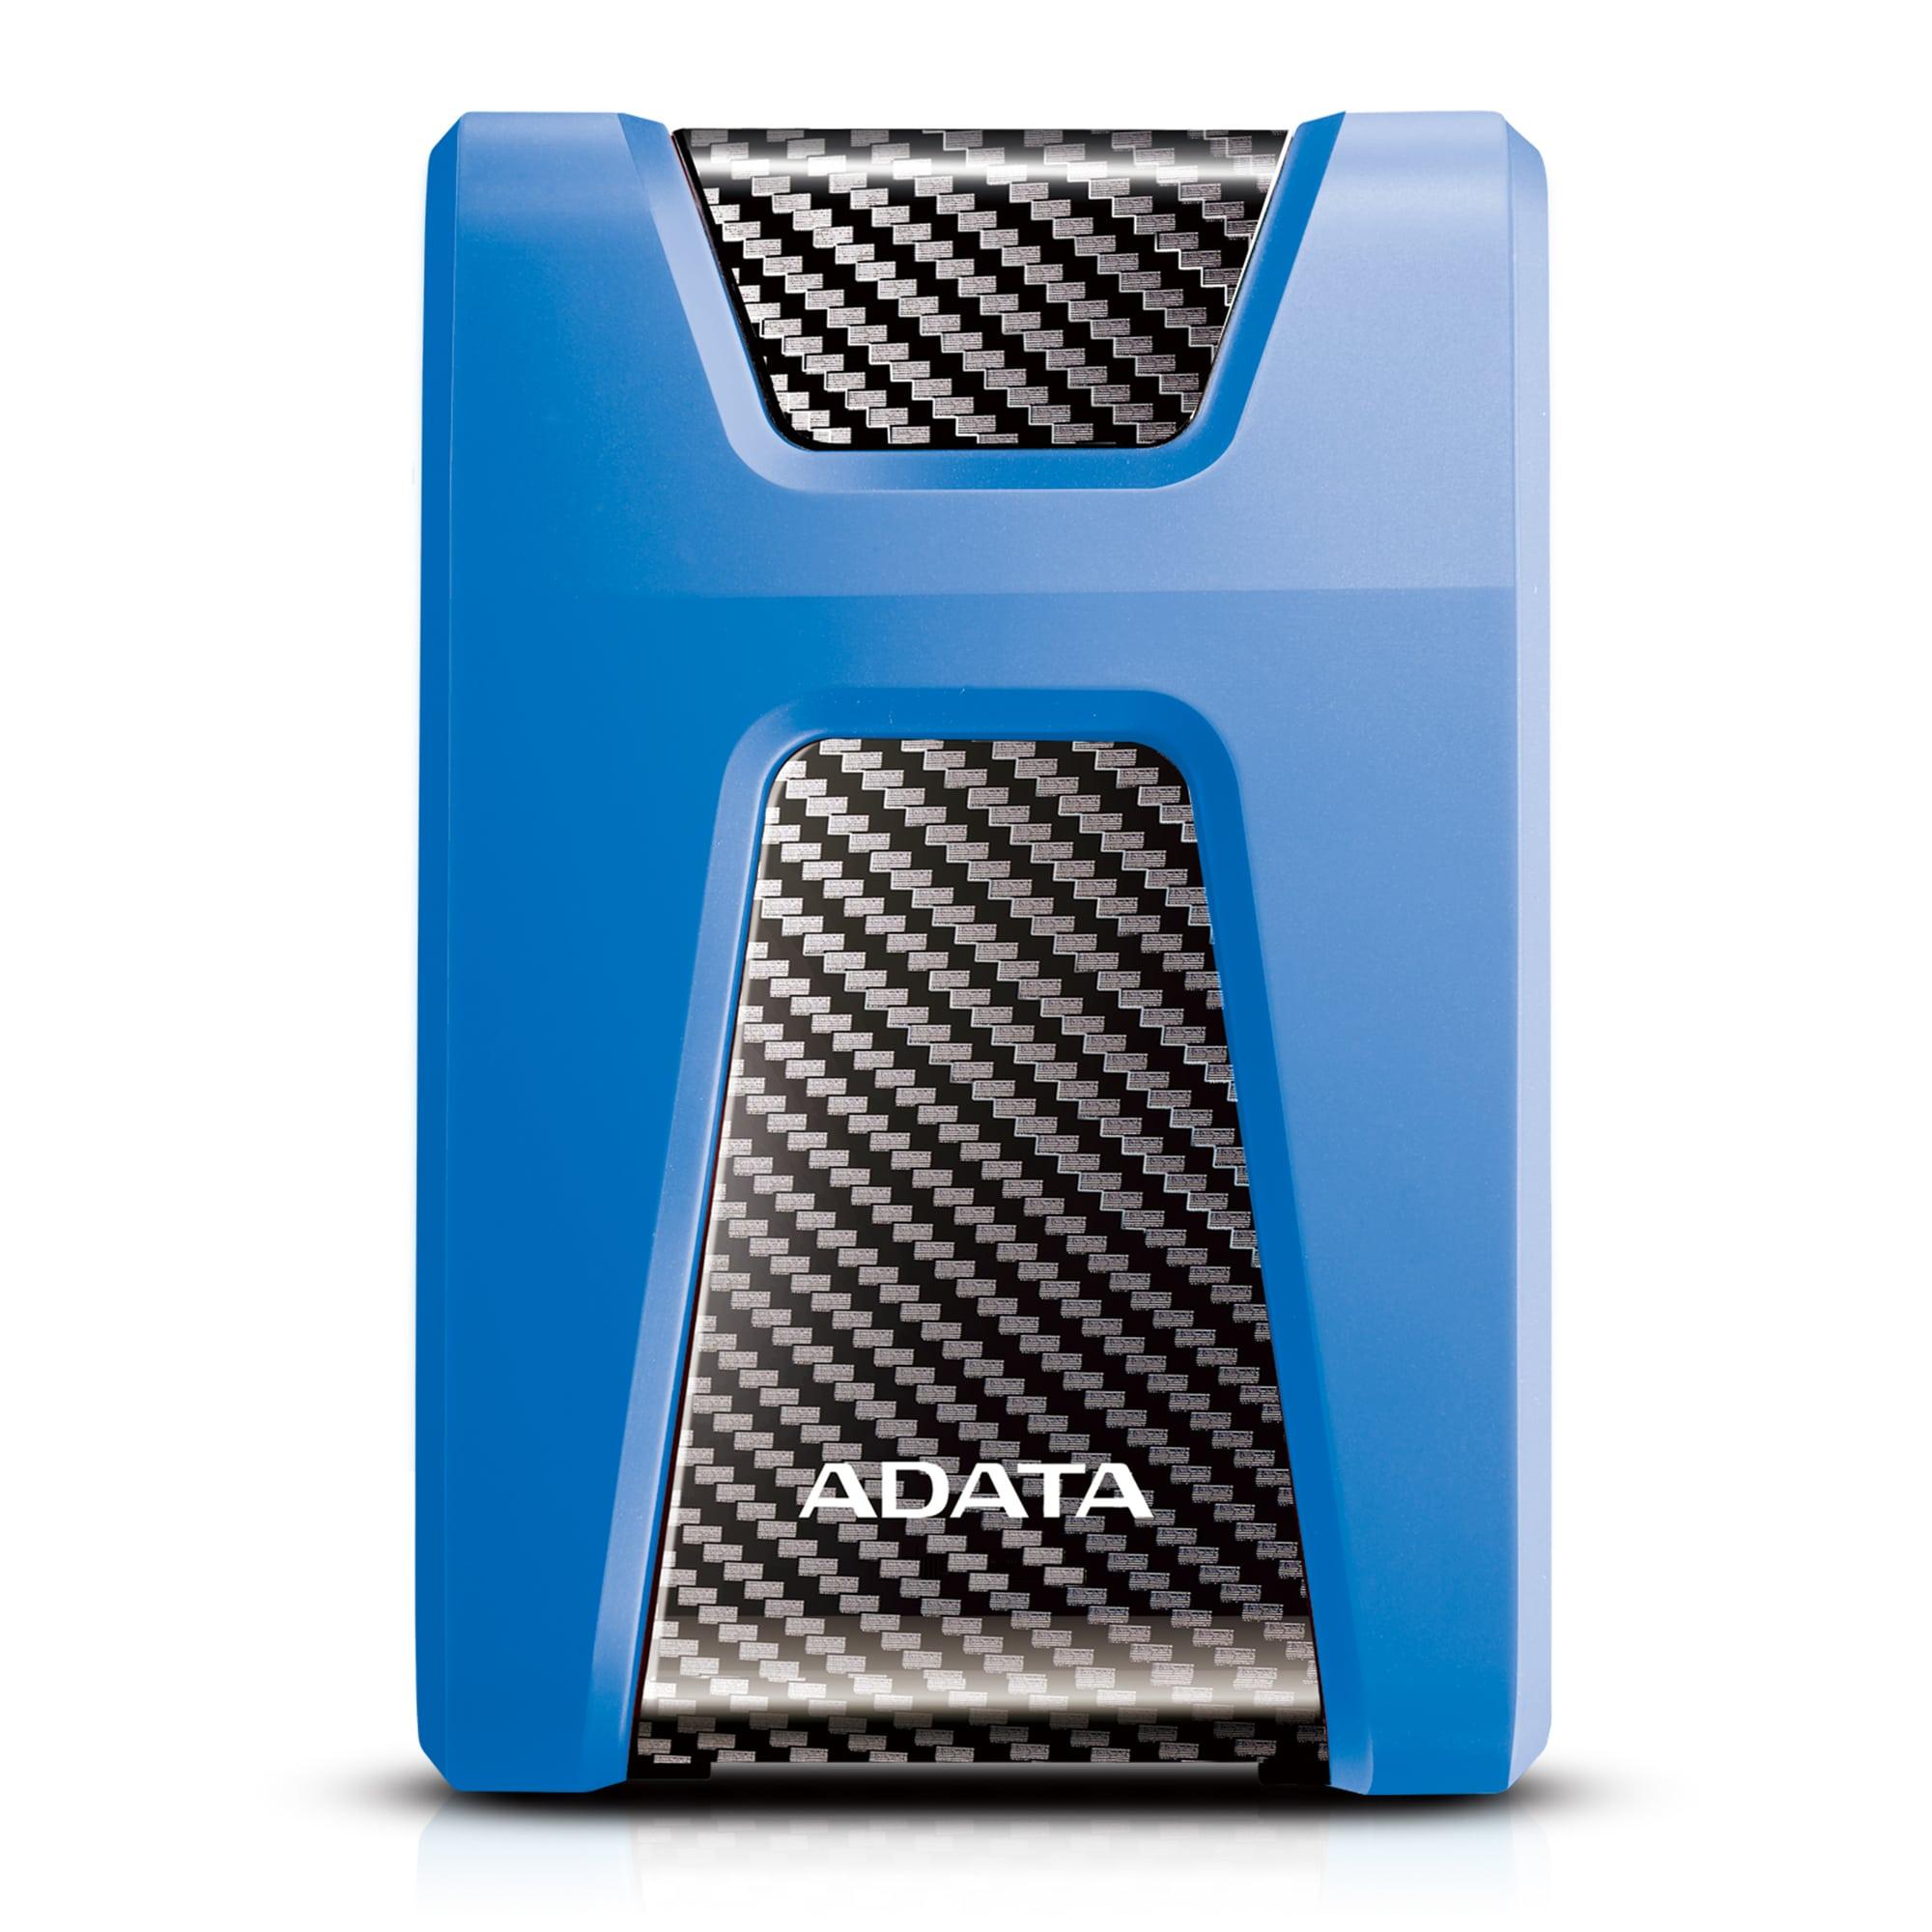 هارد اكسترنال - External H.D اي ديتا-ADATA 4TB-HD650 - USB 3.1